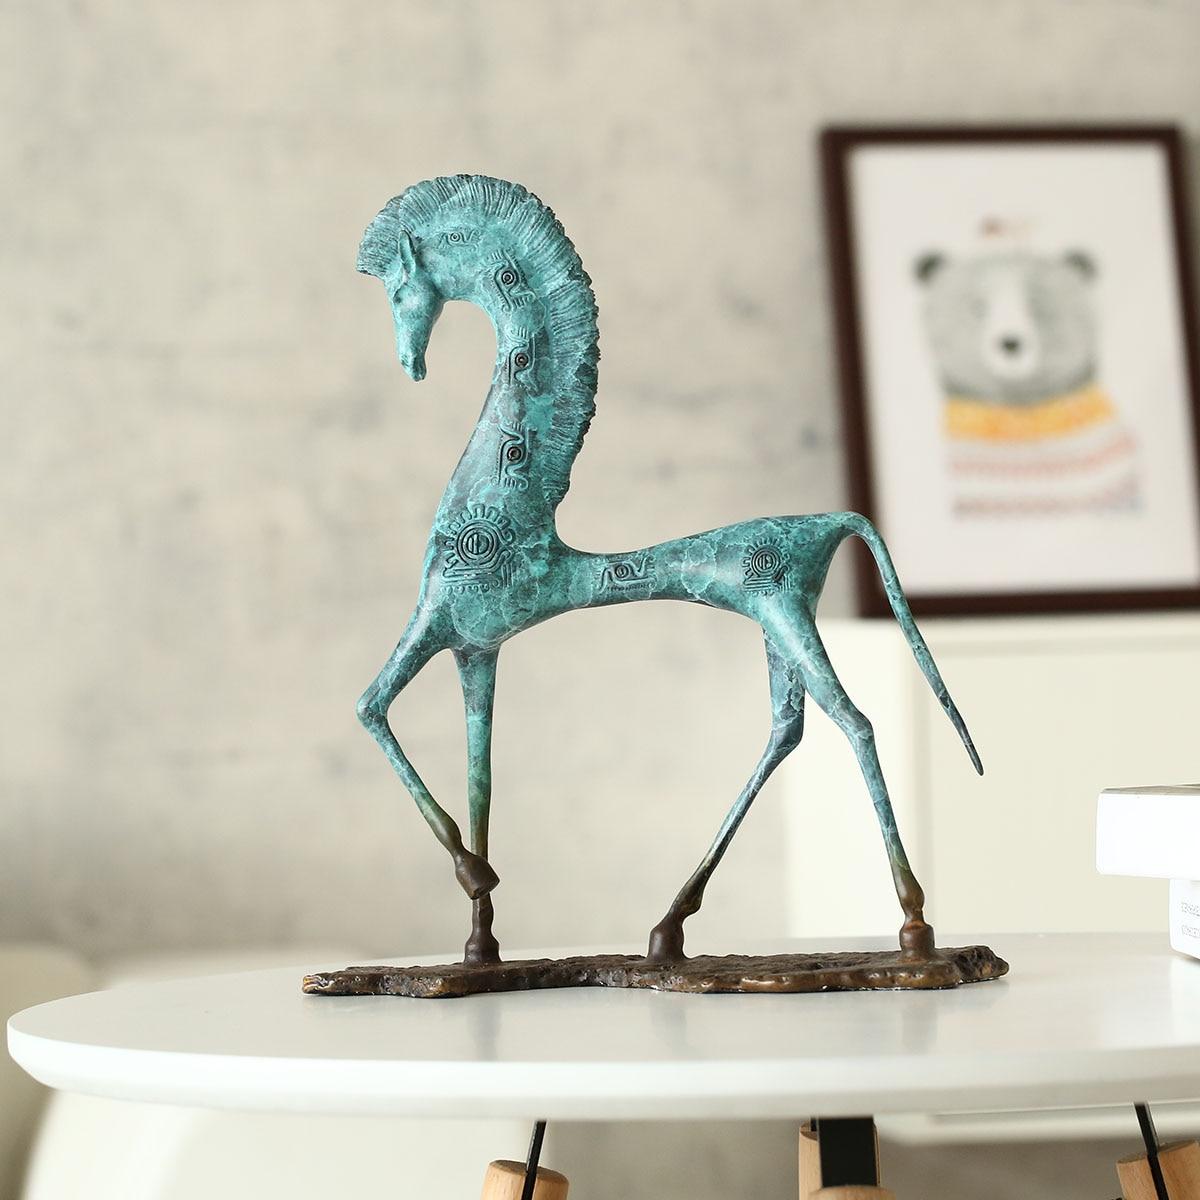 Ägypten Pferd Dekoration Brozne Skulptur Kupfer Pferd Dekoration Skulptur  Für Wohnzimmer Dekoration Kunsthandwerk